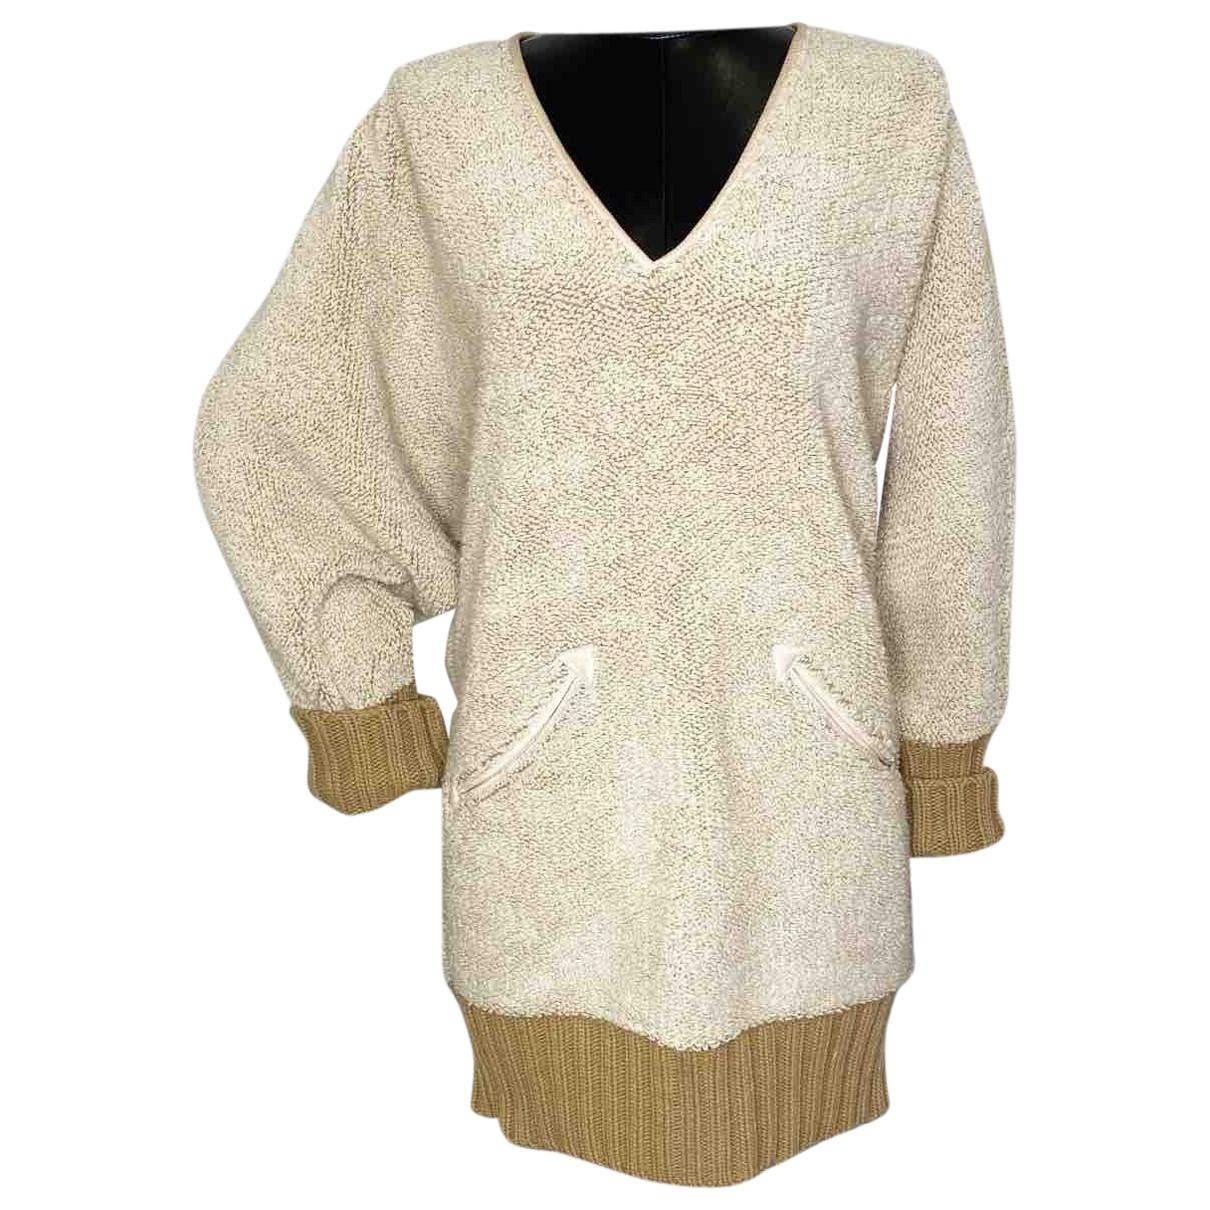 Chloe \N Kleid in  Beige Wolle